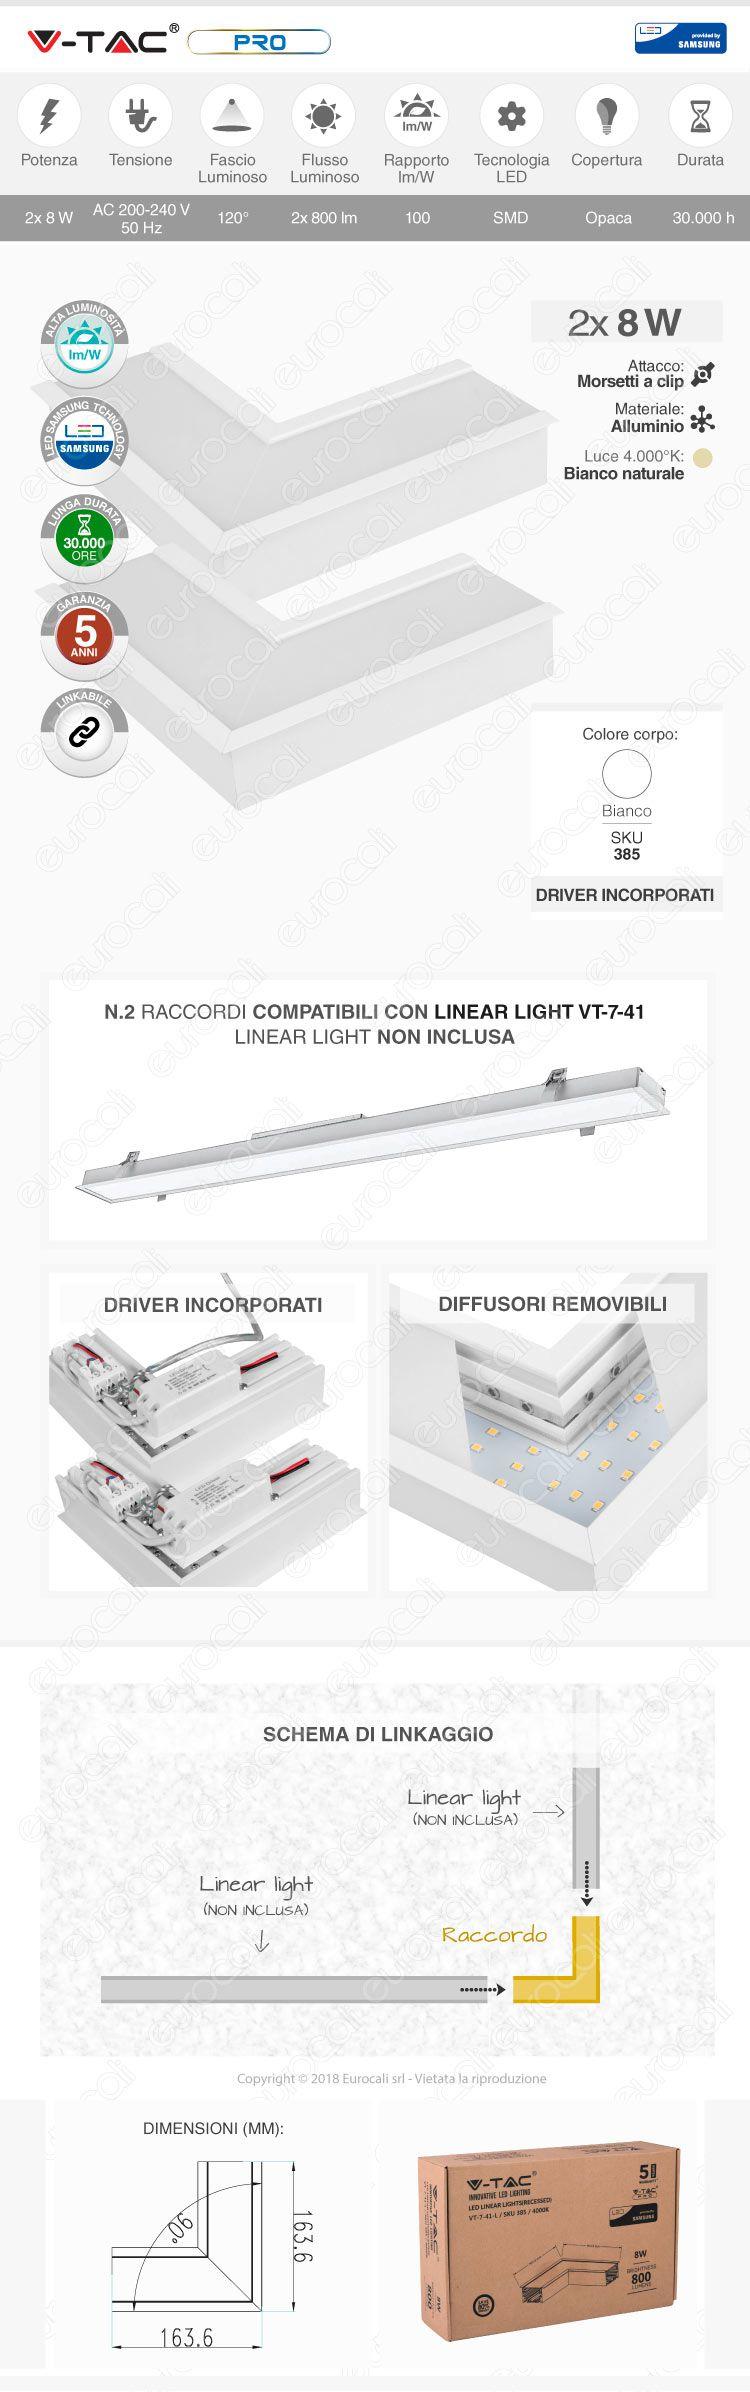 V-Tac PRO VT-7-41L Coppia di Lampade LED Raccordo a Incasso Linear Light 8W Chip Samsung White Body